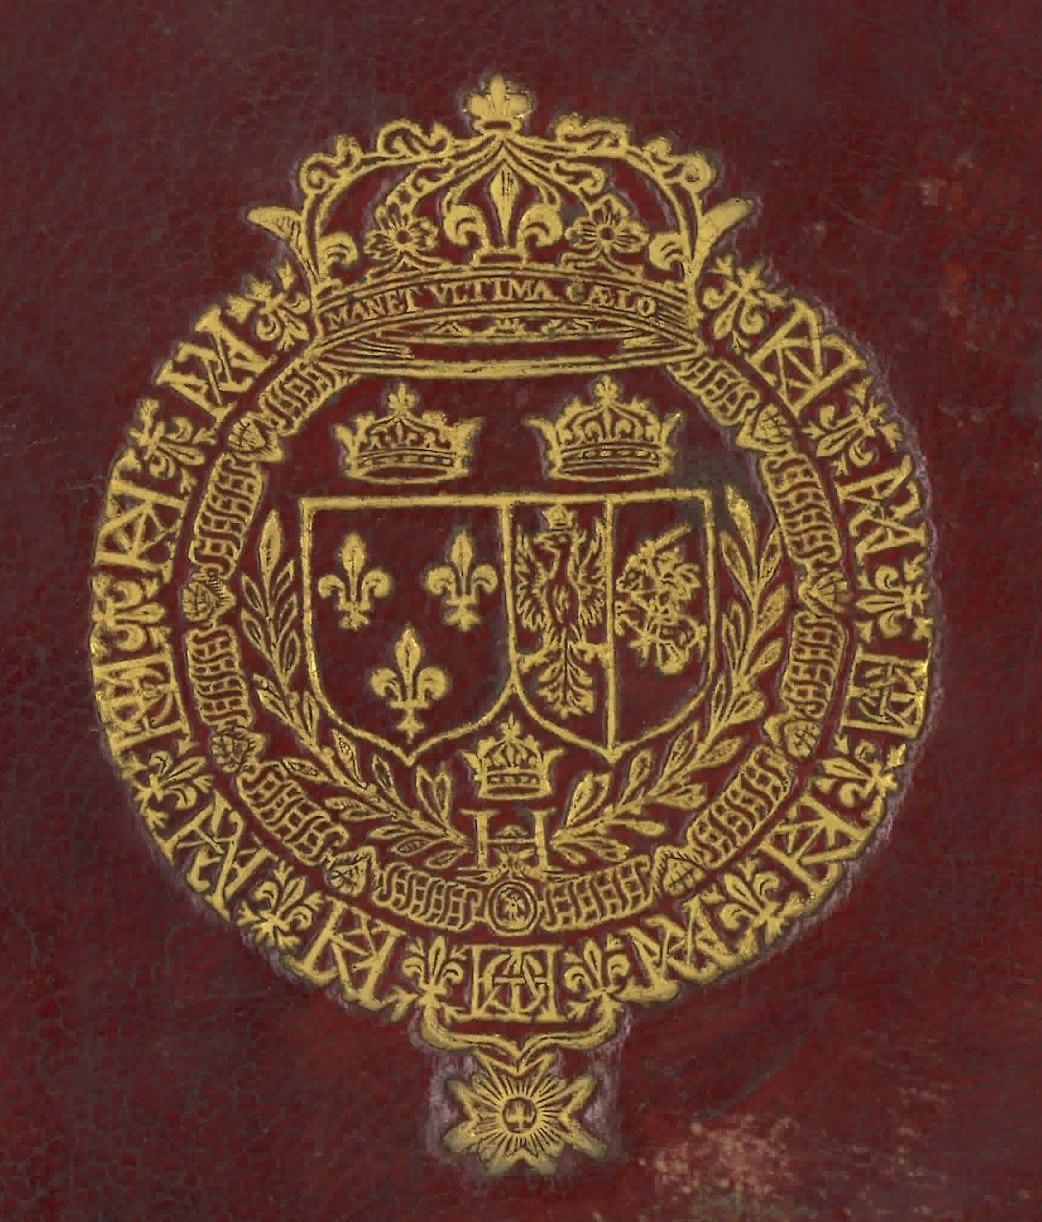 """Supralibros heráldico con el escudo de armas de Enrique III, Rey de Francia, formado por dos escudos acolados y coronados: el primero de Francia (tres flores de lis) y el segundo, partido, con las armas de Polonia y Lituania (águila y caballero blanco), rodeados por dos hojas de palma unidas por una H coronada, por el collar de la Orden de Saint Michel y por el de la Orden del Espíritu Santo, que alterna flores de lis con dos monogramas, uno con las iniciales Hλλ (Henri, Louise, Lorraine), y otro con las iniciales H M Φ Δ ; al timbre corona cerrada con la inscripción """"Manet ultima caelo"""""""